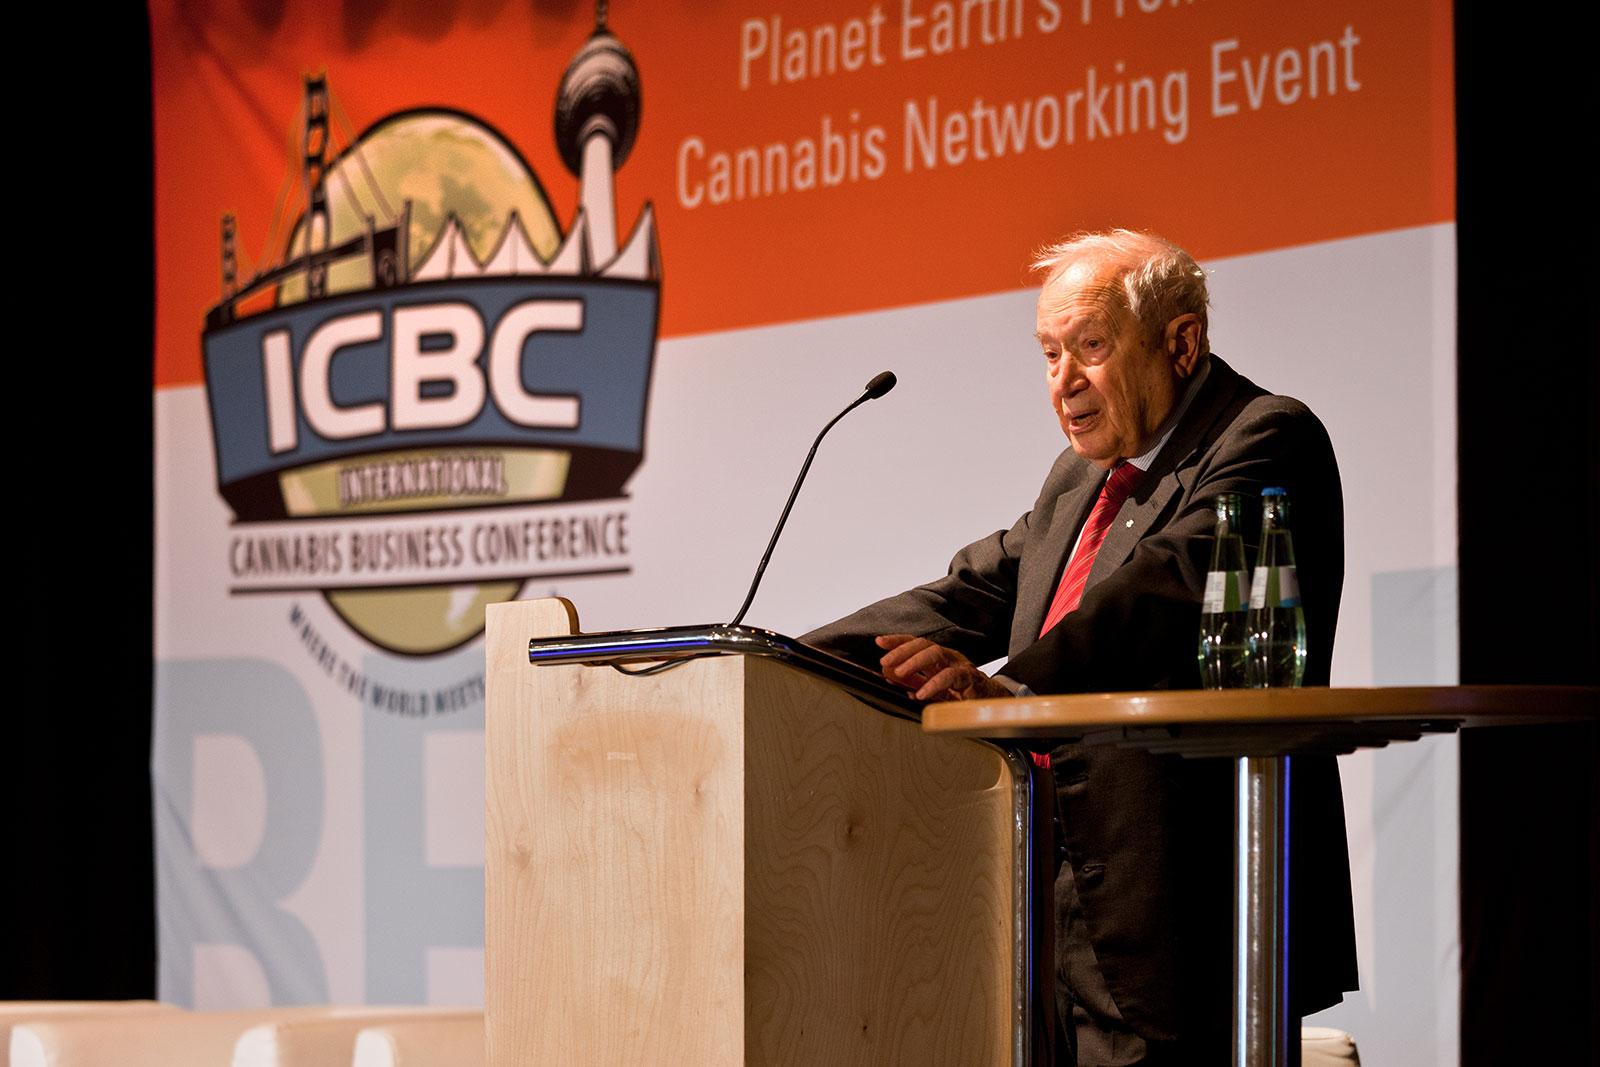 Dr. Mechoulam ICBC Berlin